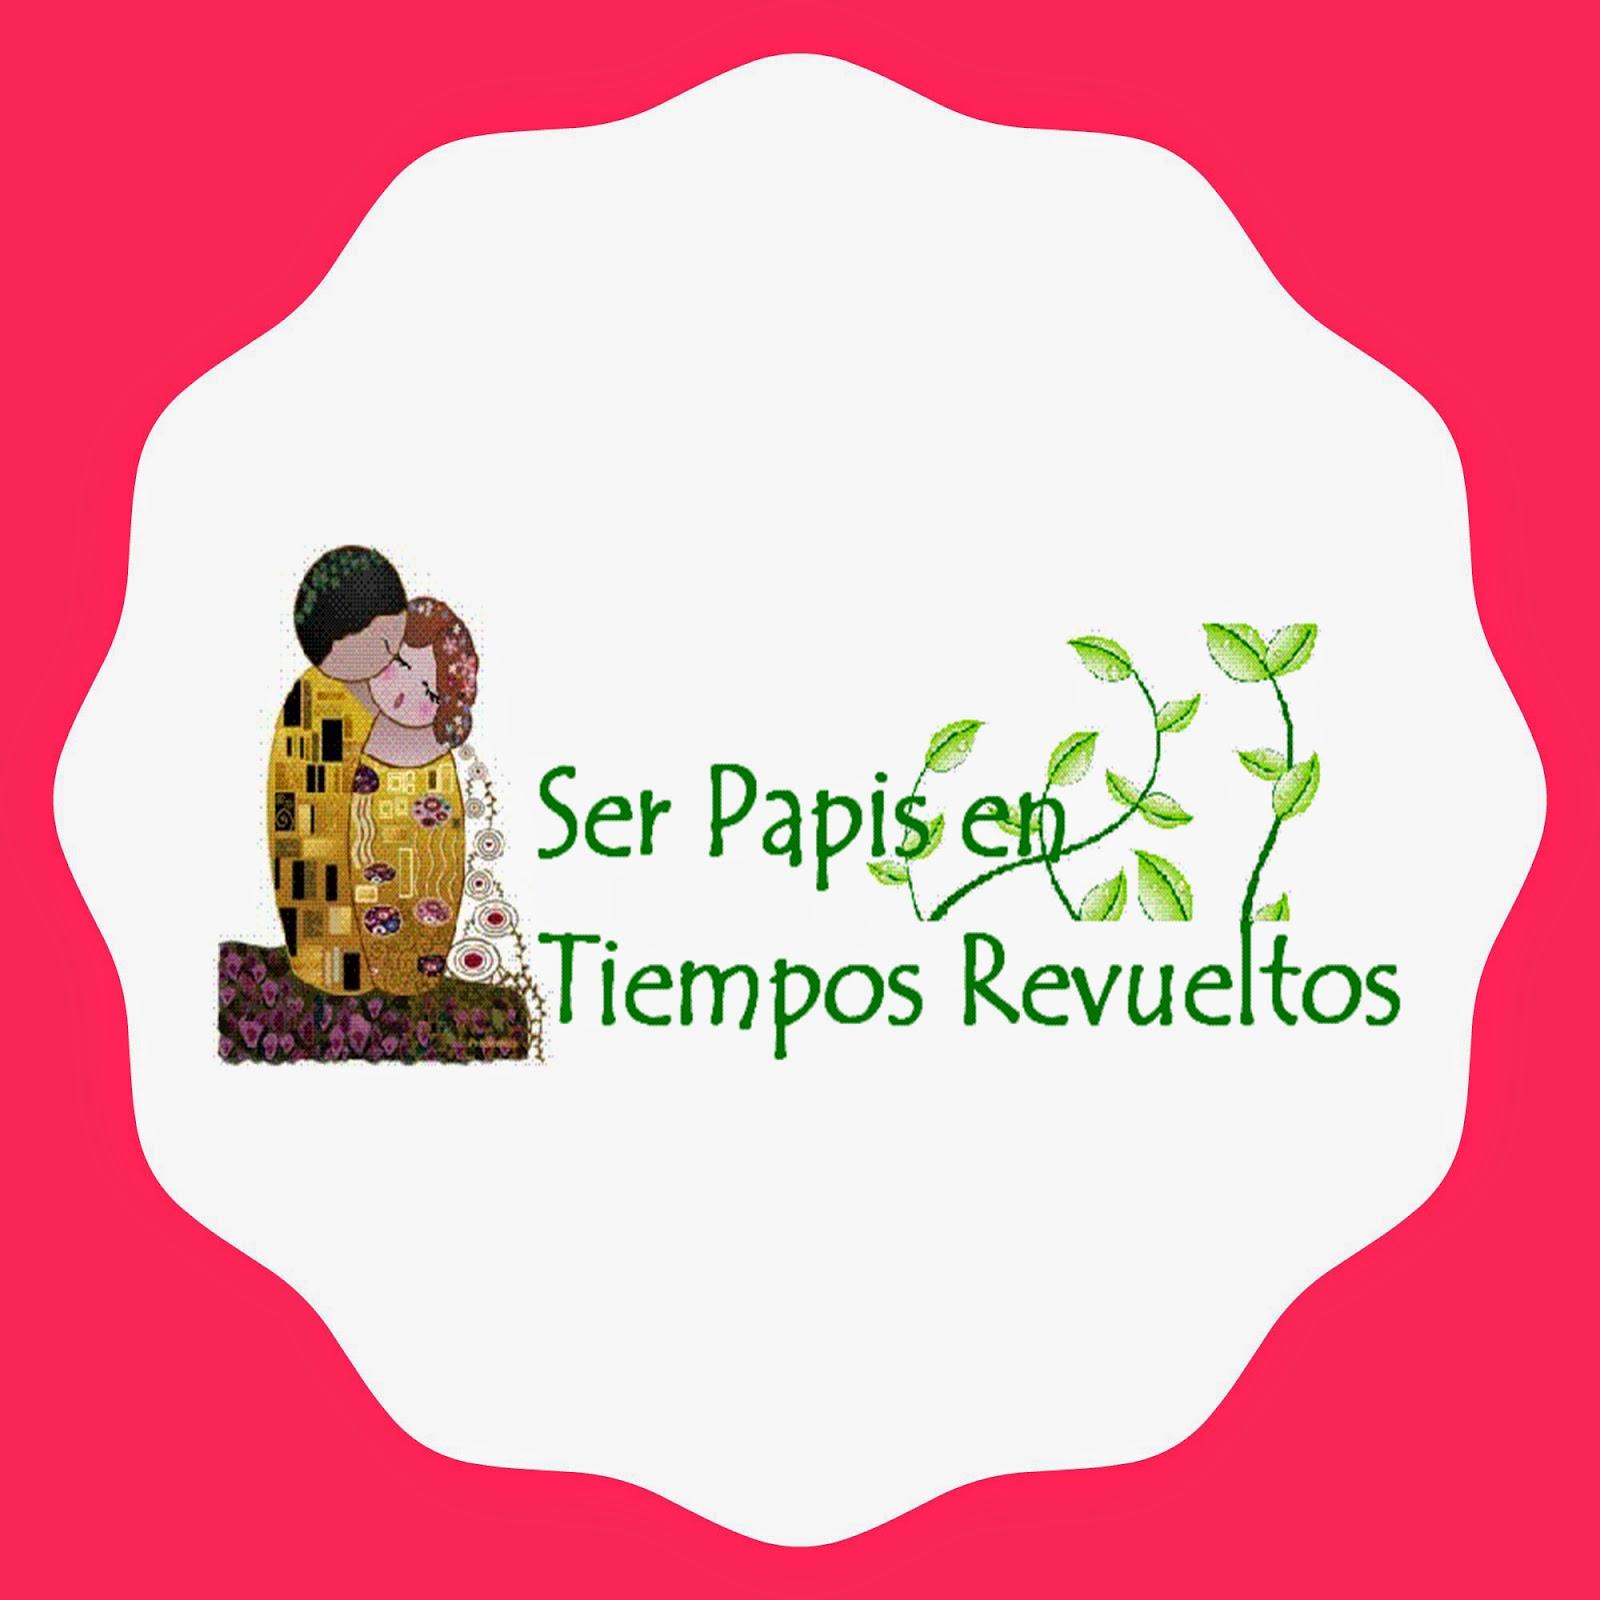 blog de la semana, ser papis en tiempos revueltos, blogs de maternidad, maternidad